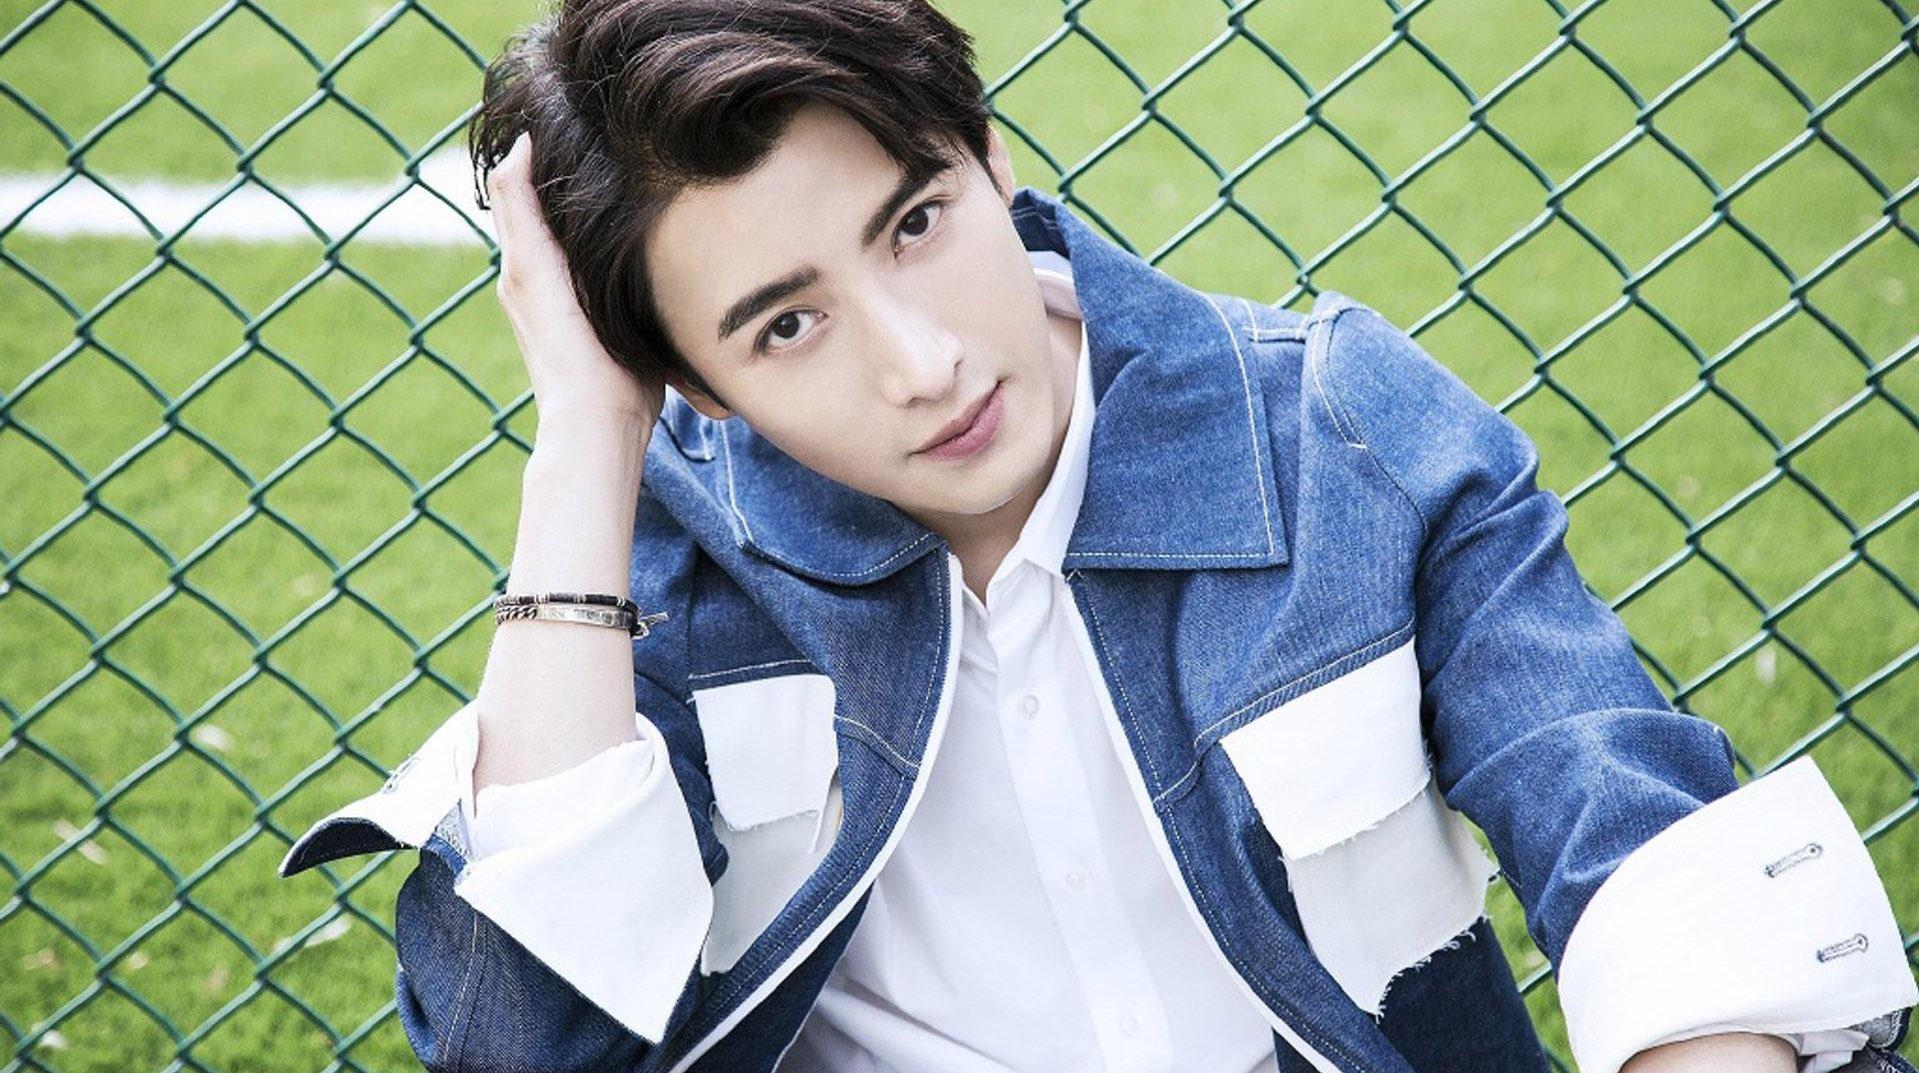 Ying Jun